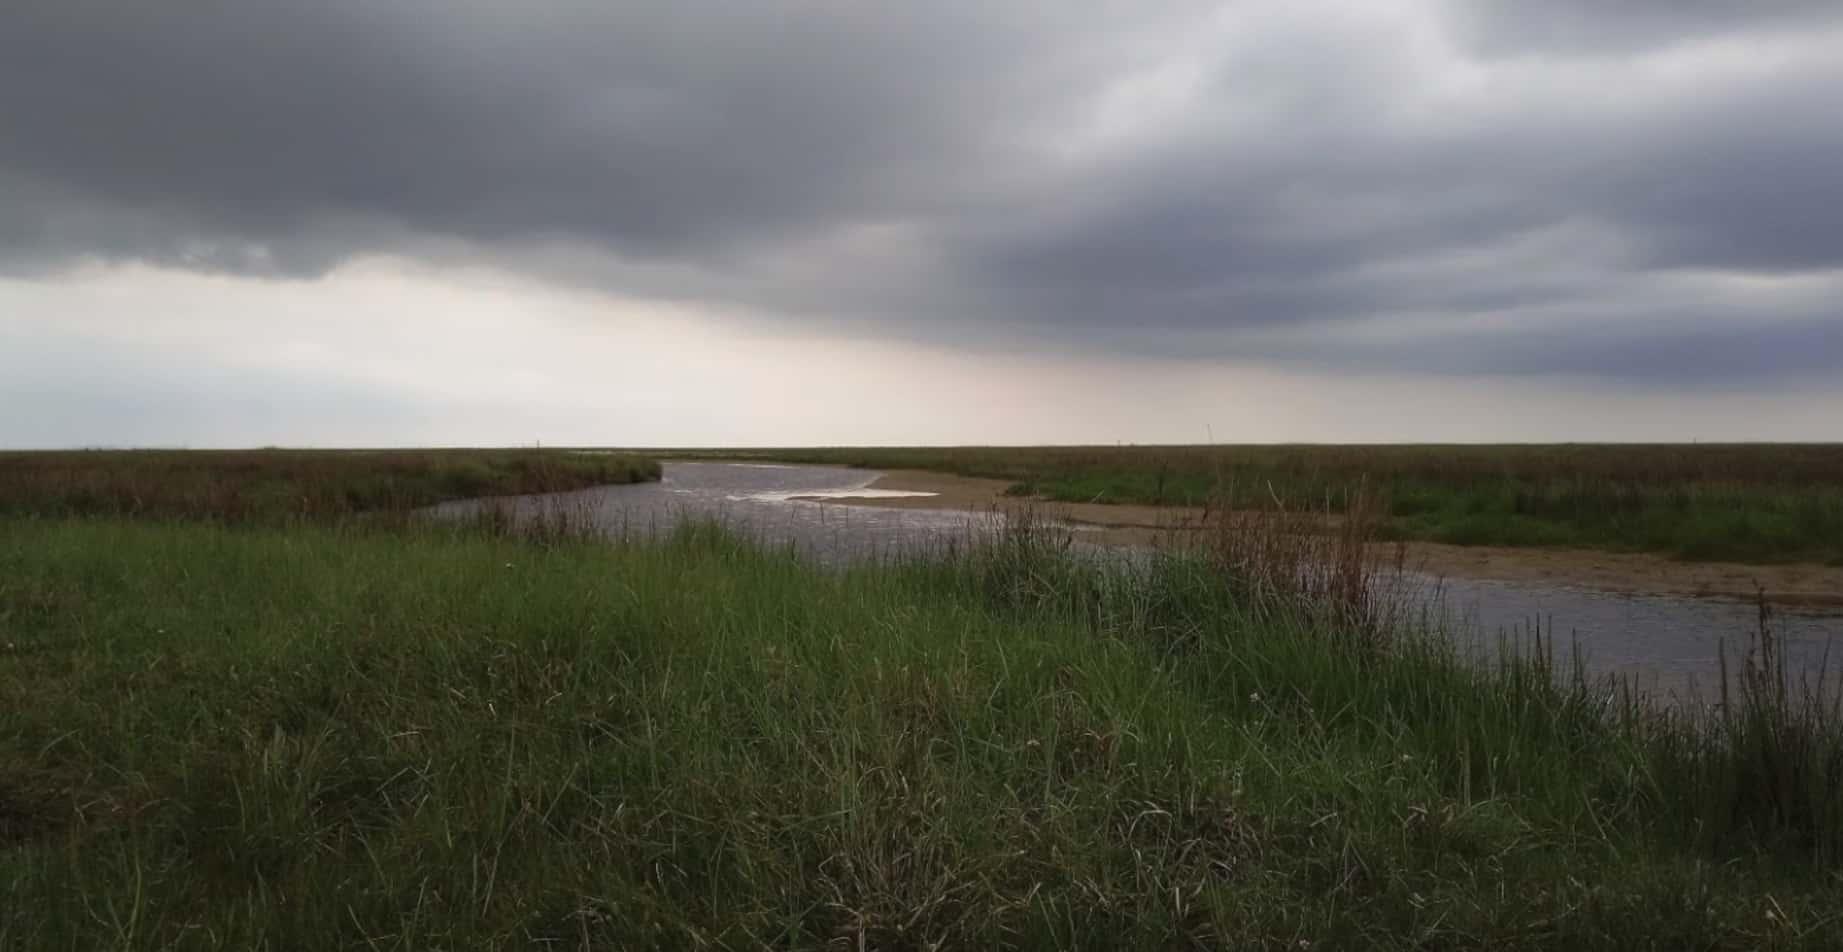 Фотосъемка в пасмурную погоду